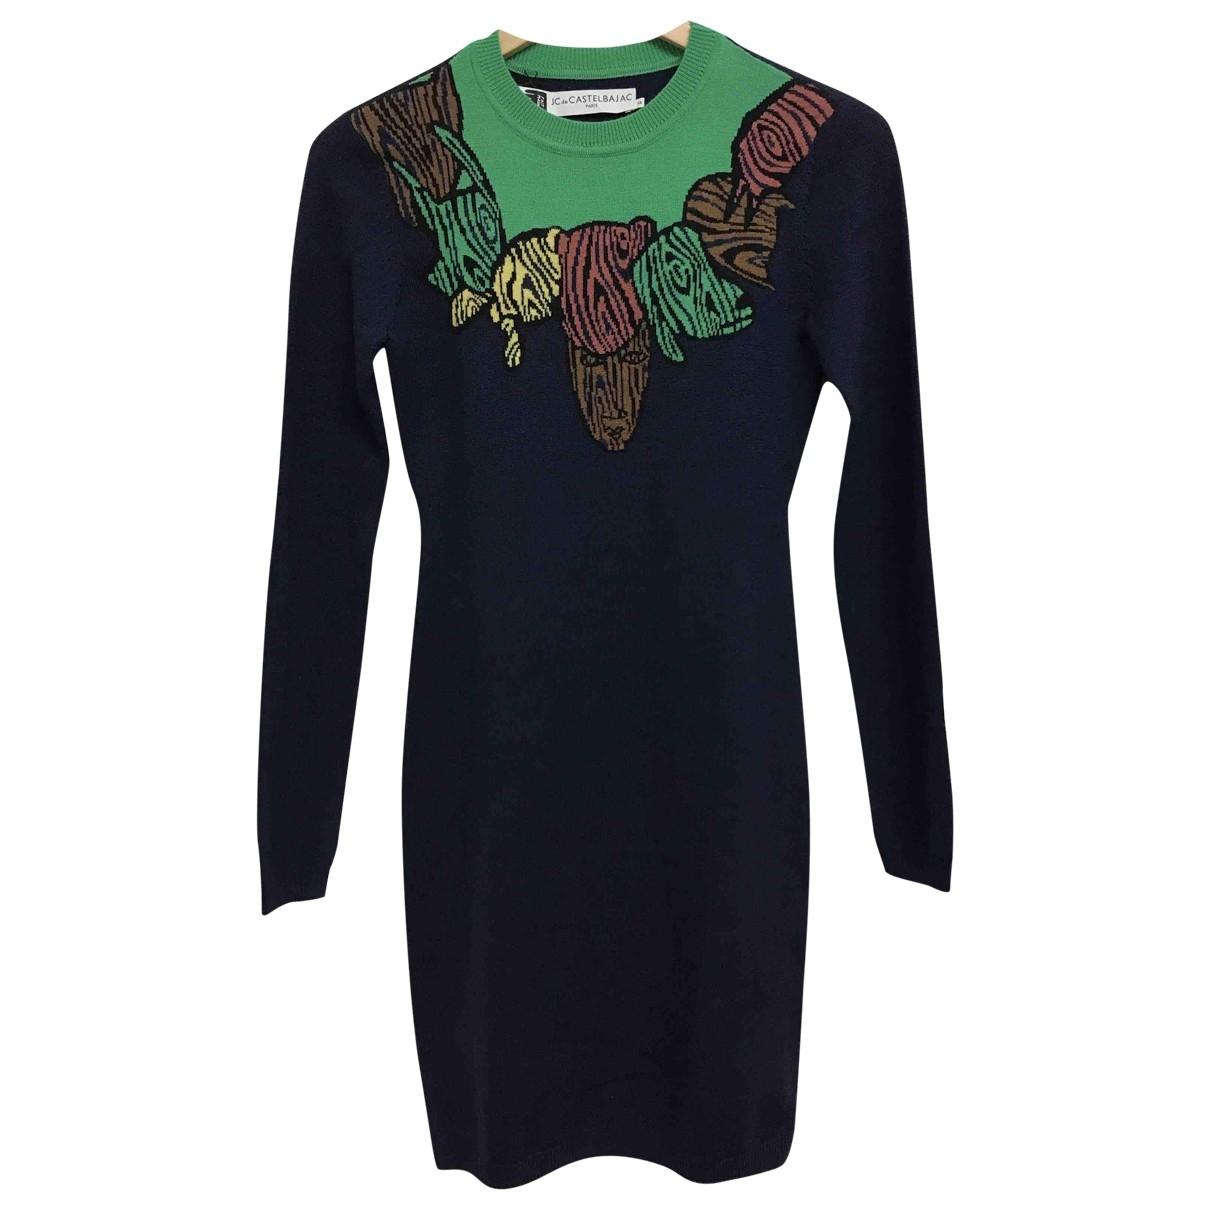 Jc De Castelbajac \N Navy Wool dress for Women 34 FR